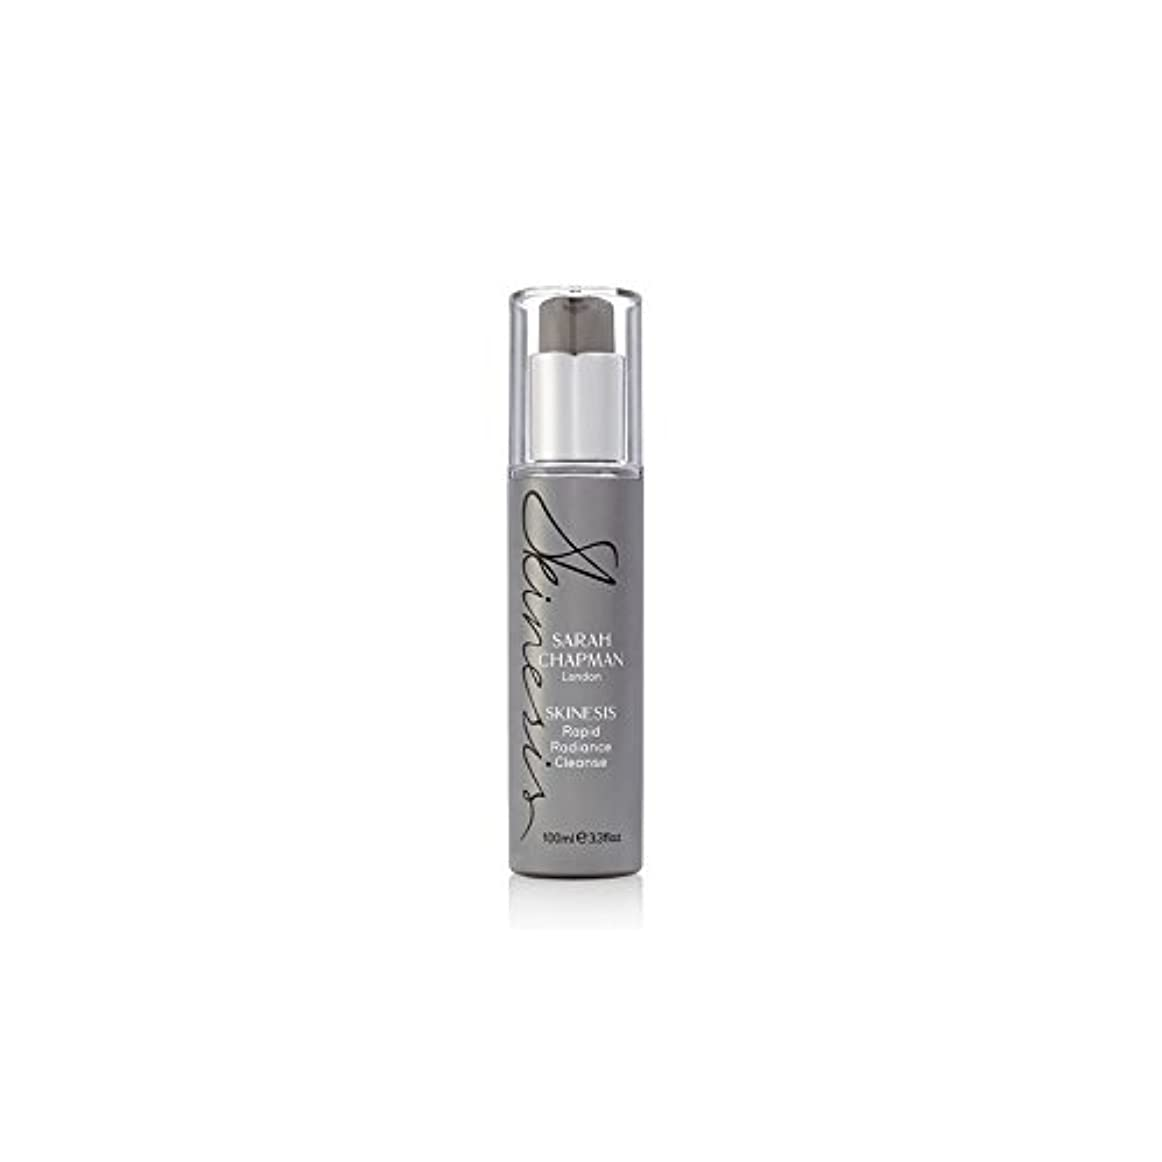 被る先入観知覚するSarah Chapman Skinesis Rapid Radiance Cleanse (100ml) - サラ?チャップマン迅速な輝きの浄化(100ミリリットル) [並行輸入品]